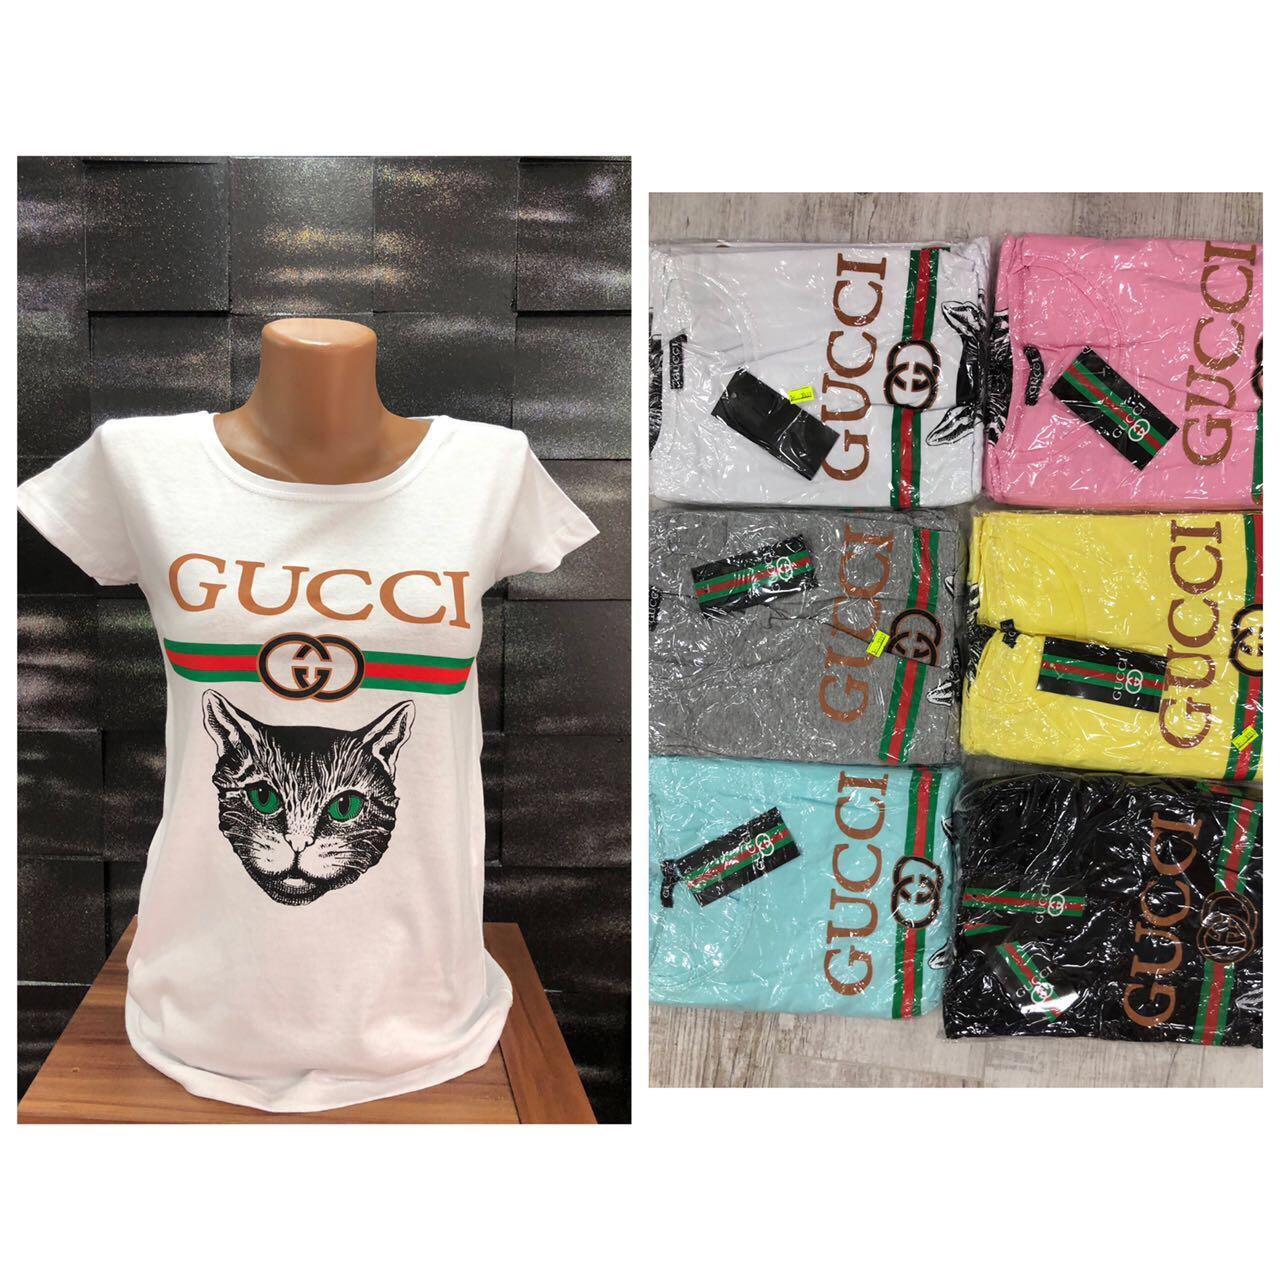 Футболка женская Gucci Cat. Отличное качество, хлопок, Турция. Размеры с,м,л,хл, расцветки